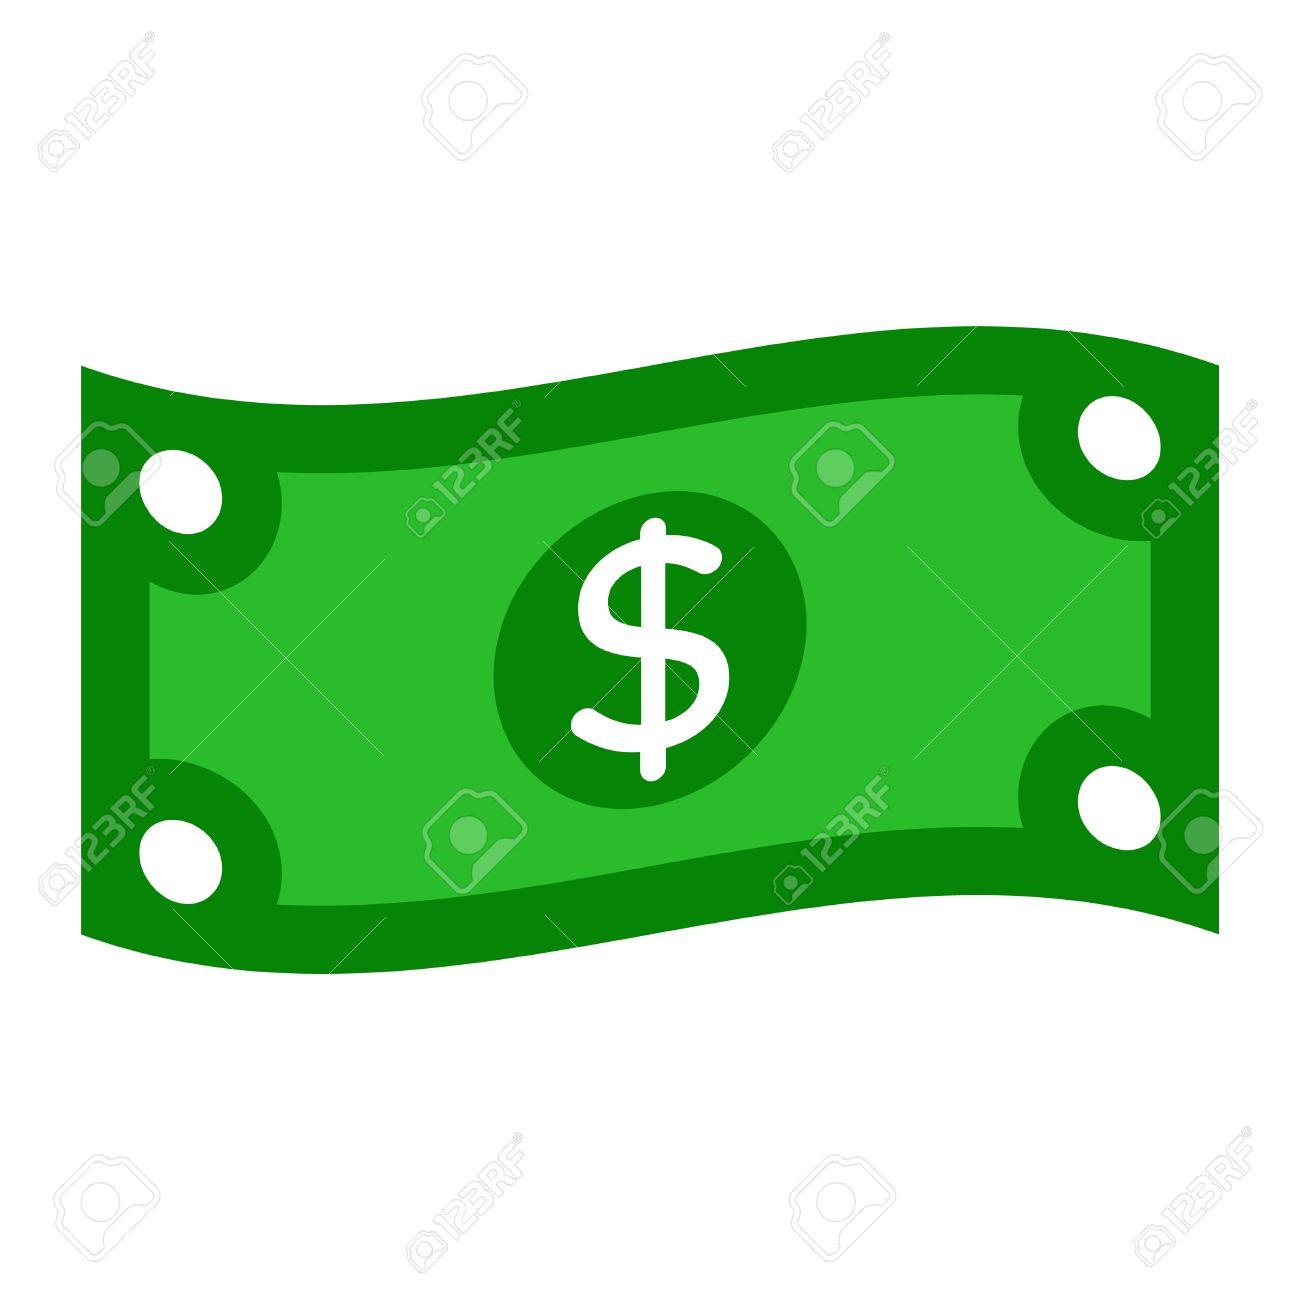 dollar bill vector illustration royalty free cliparts vectors and rh 123rf com dollar bill vector art dollar bill vector art free